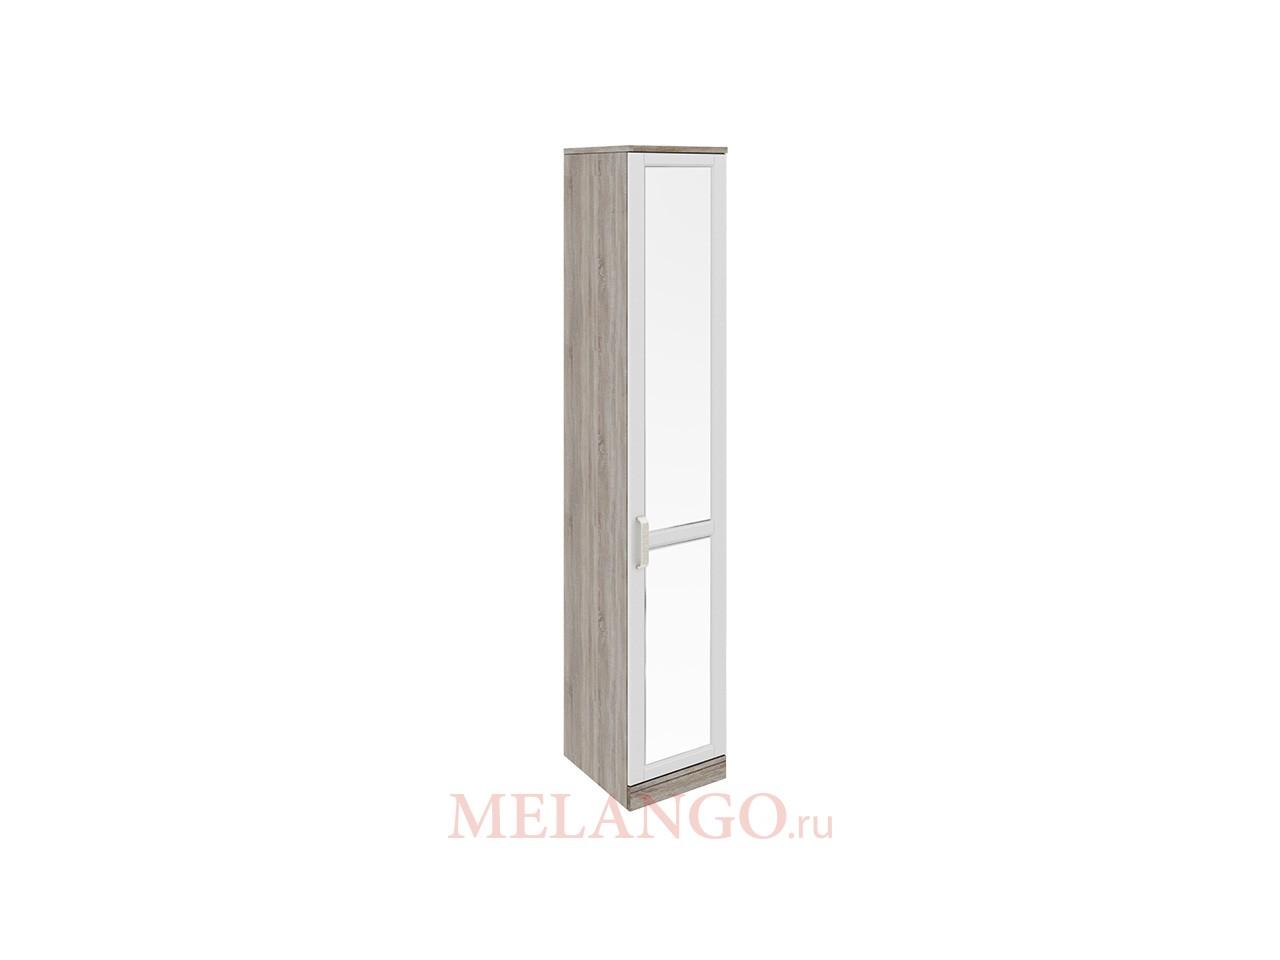 Шкаф торцевой с 1-ой зеркальной дверью правый «Прованс» СМ-223.07.009 R